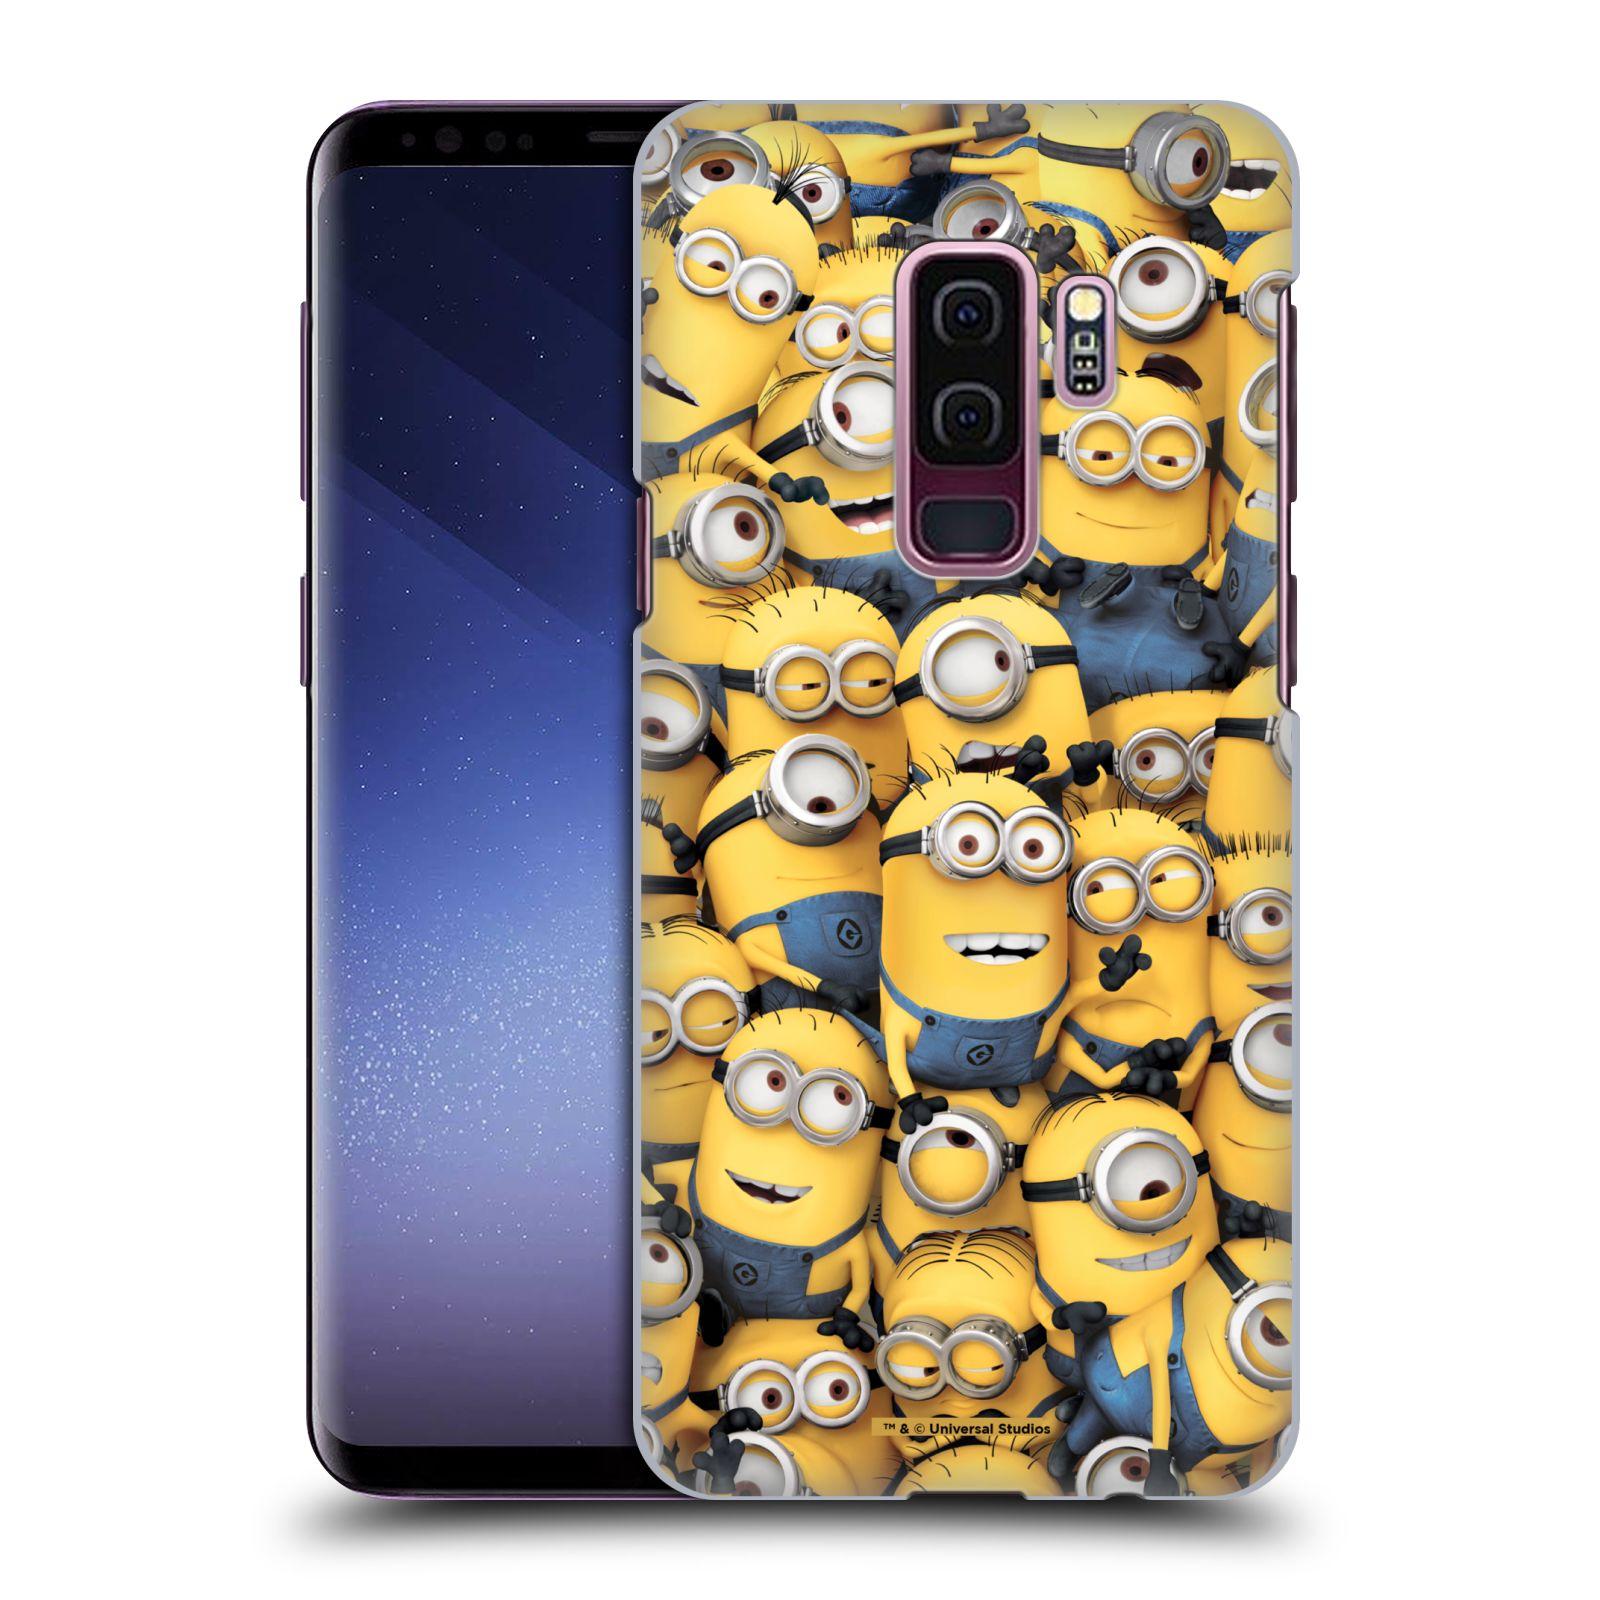 Plastové pouzdro na mobil Samsung Galaxy S9 Plus - Head Case - Mimoni všude z filmu Já, padouch - Despicable Me